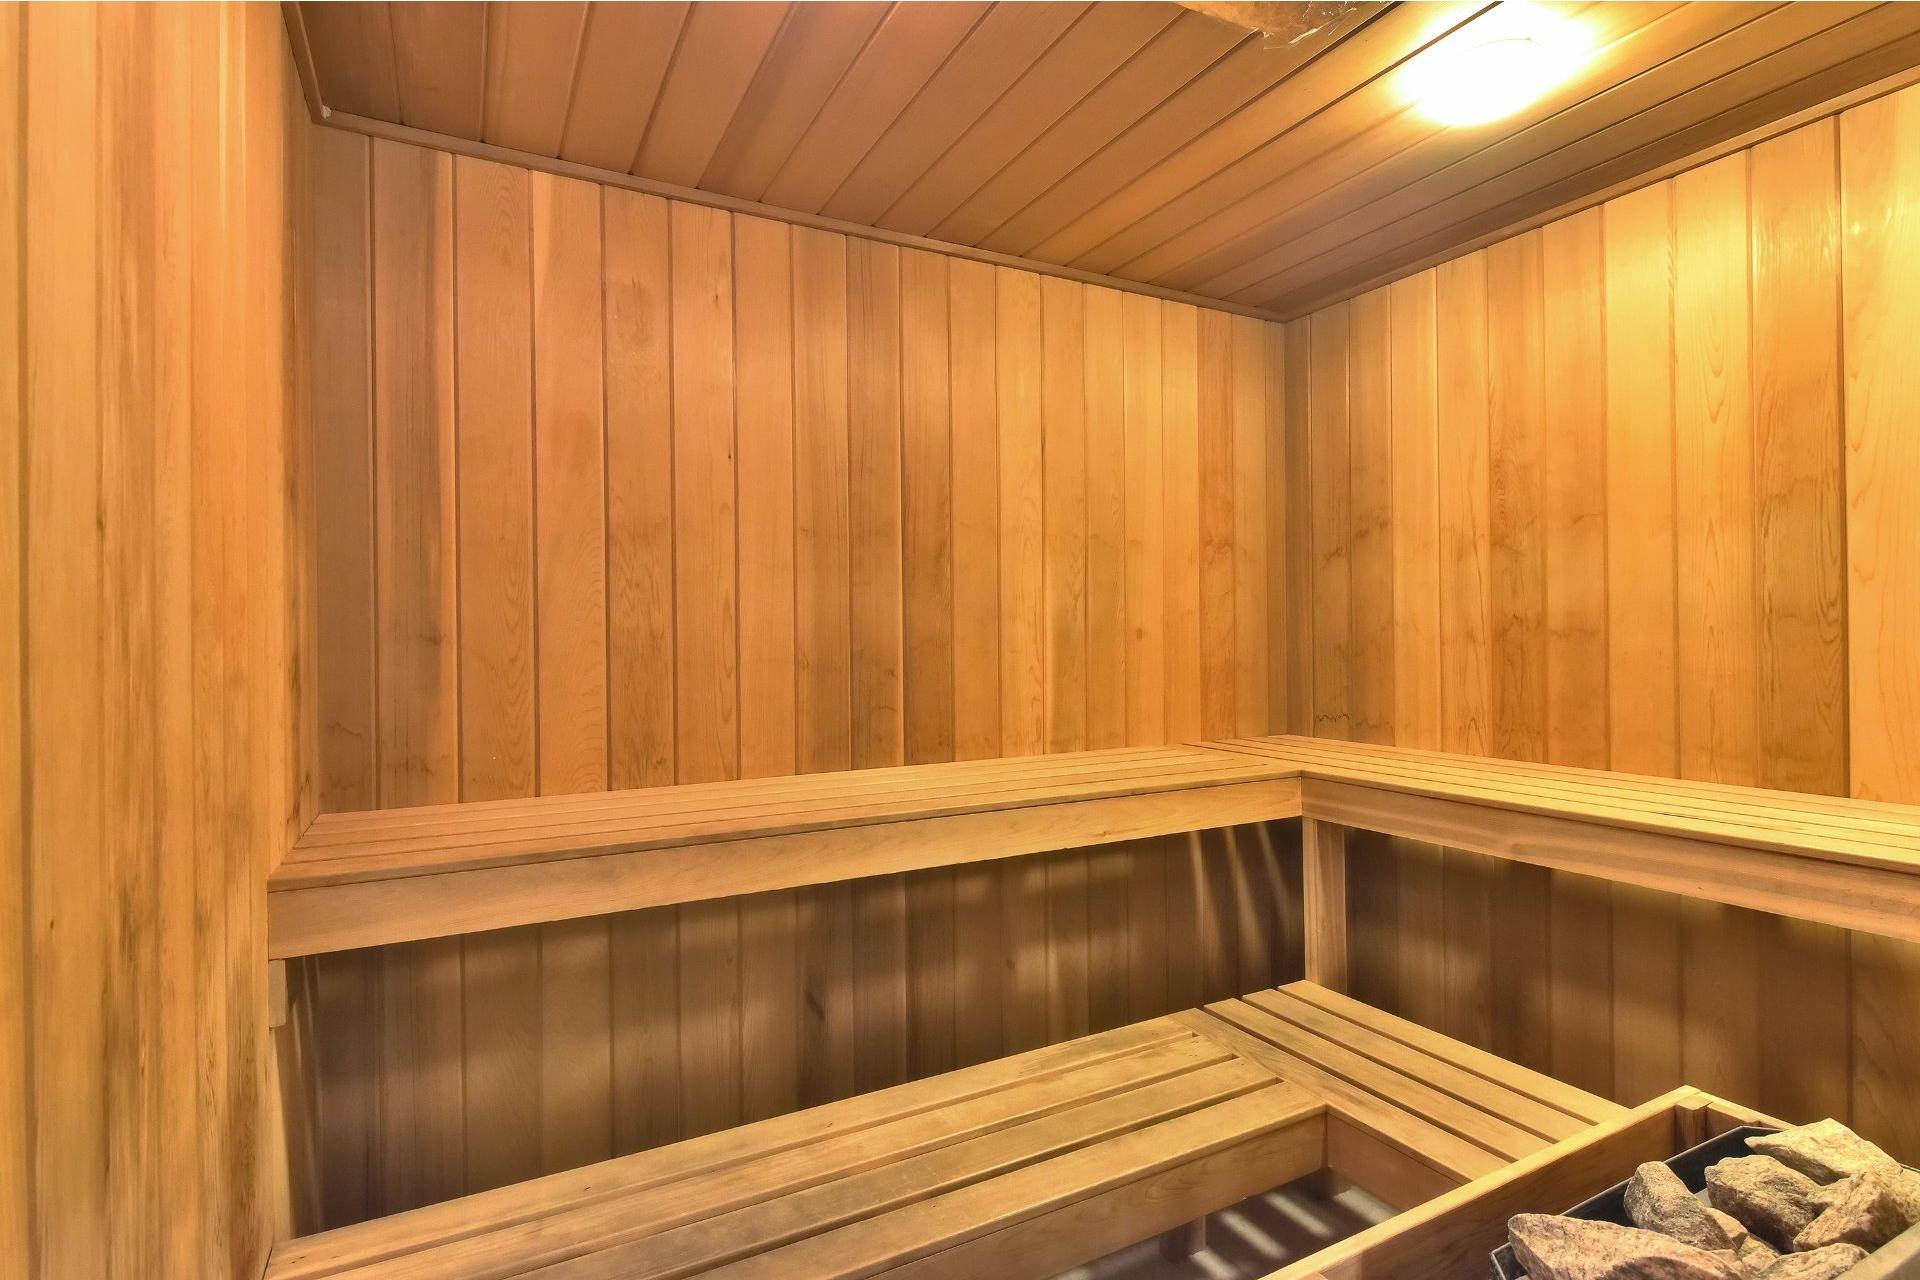 image 35 - Apartment For sale Côte-Saint-Luc - 5 rooms